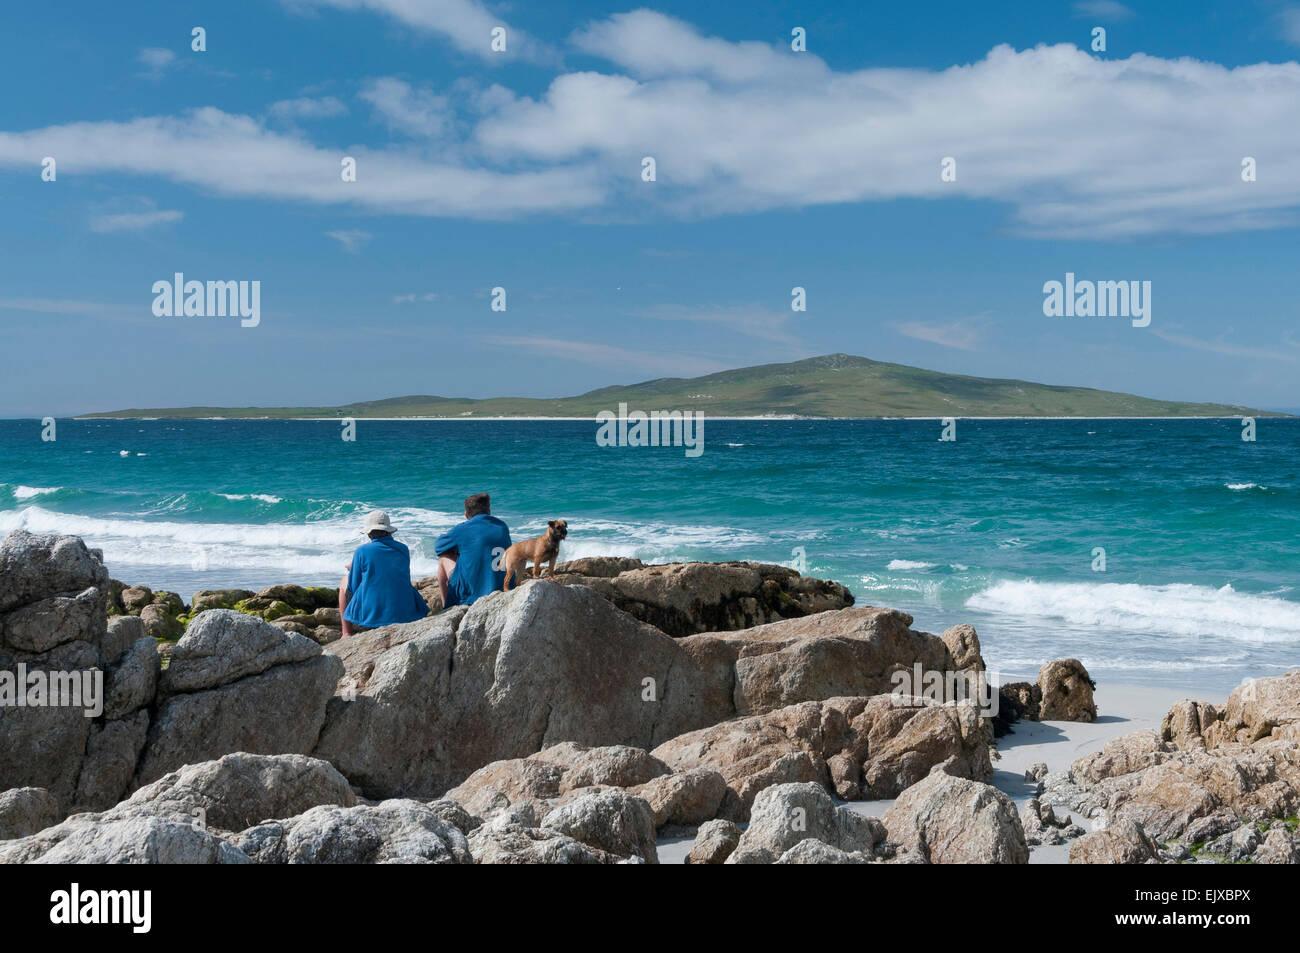 Olas rompiendo en pabbay vista con sacudidores / turista relajarse con border terrier Imagen De Stock